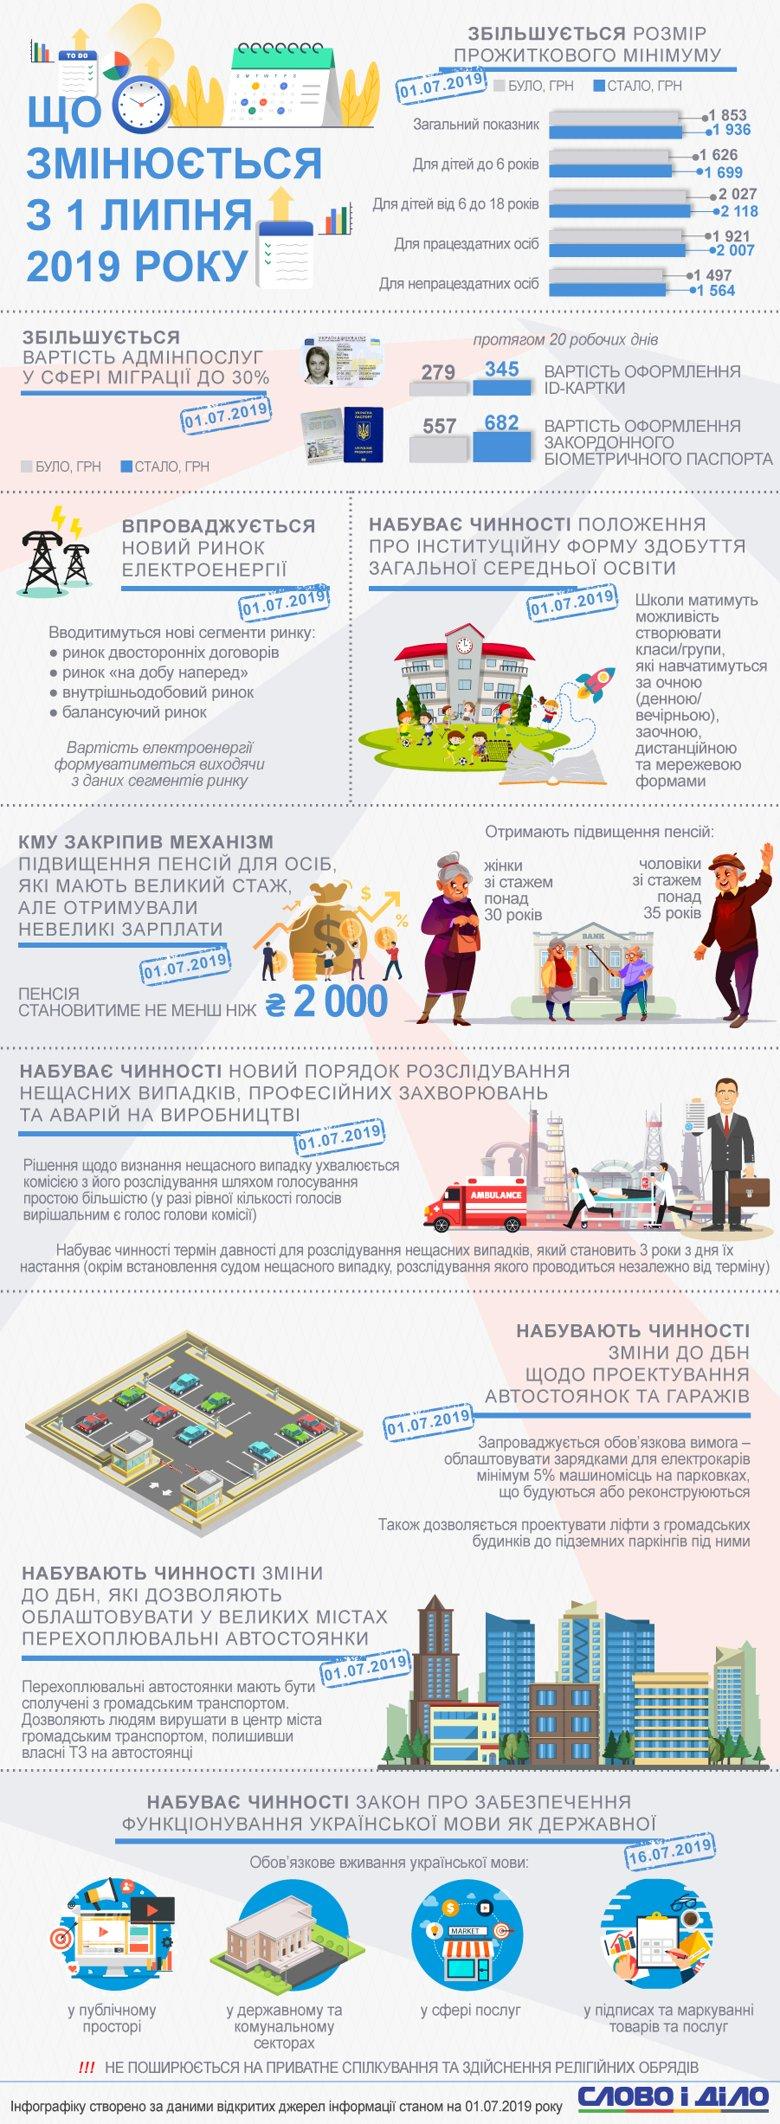 У липні в Україні трохи зросли пенсії та аліменти, а також подорожчали закордонні паспорти. Із середини місяця має набути чинності закон про державну мову.